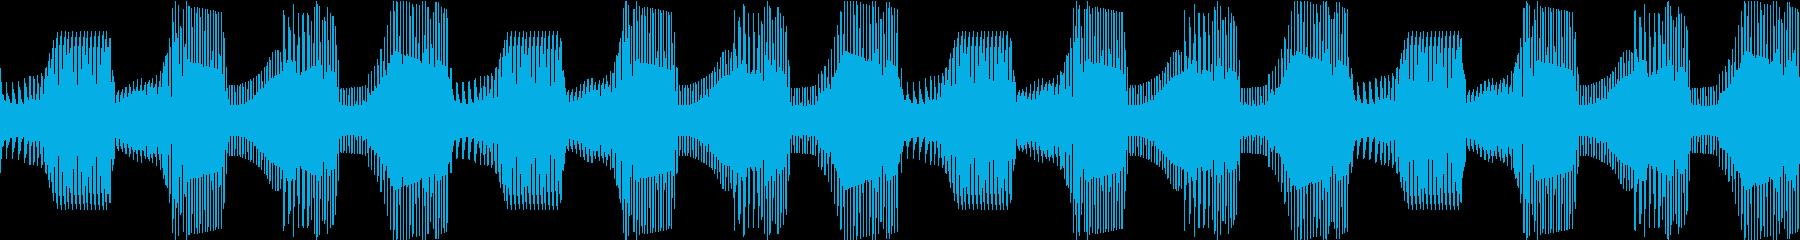 Techno ベース 9 音楽制作用の再生済みの波形